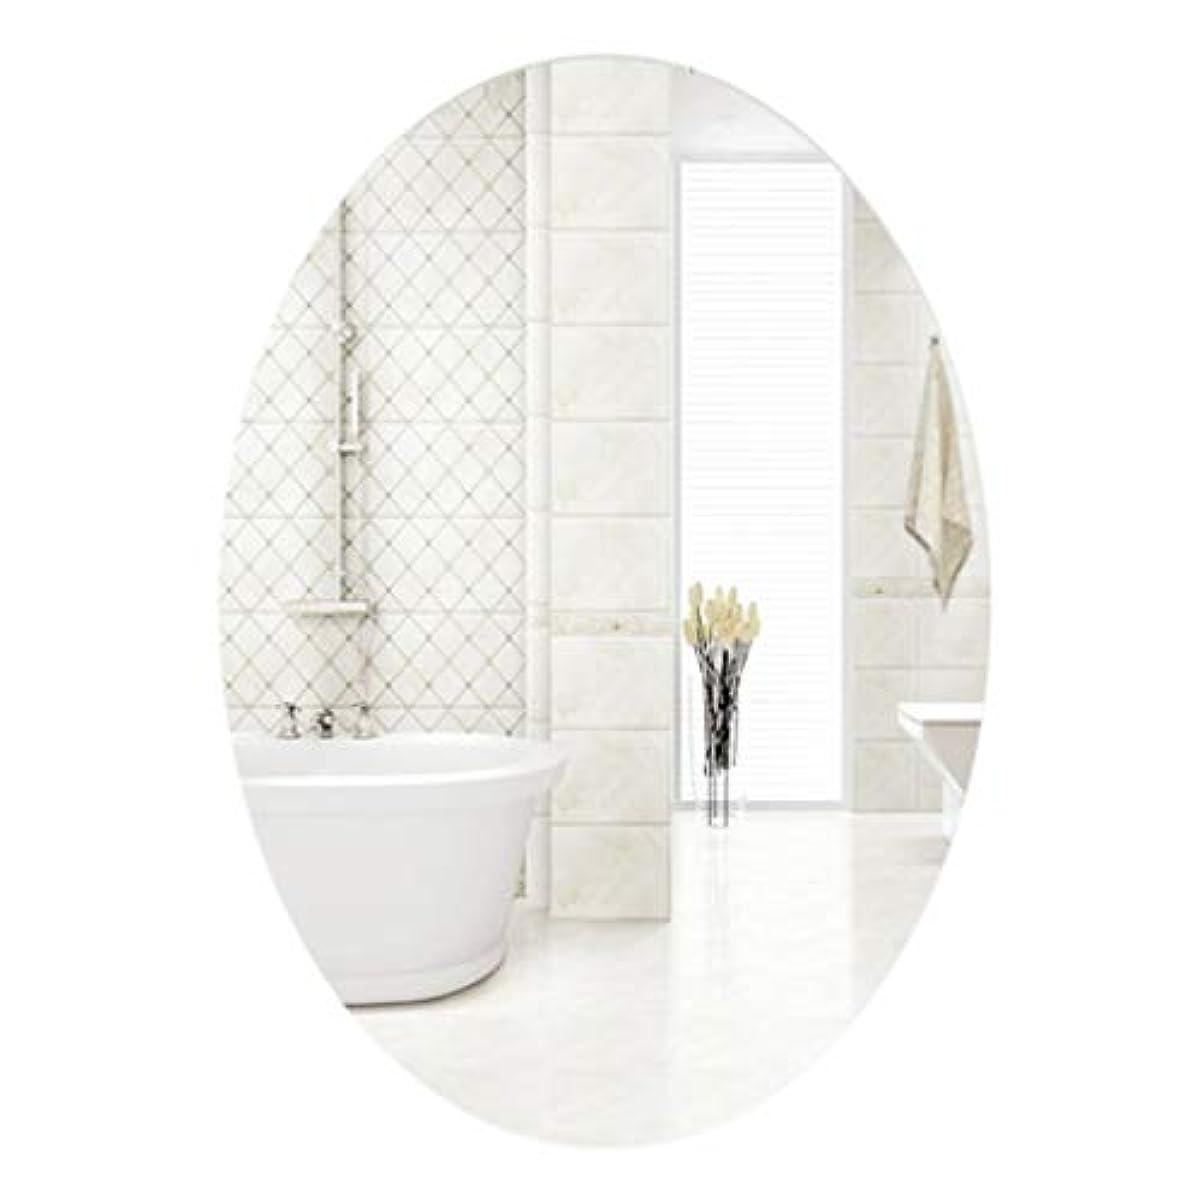 排泄する誇りに思う交差点浴室、洗面化粧台、寝室(45x60cm、50x70cm、60x80cm)のための楕円形の磨かれたフレームレス防爆壁ミラー